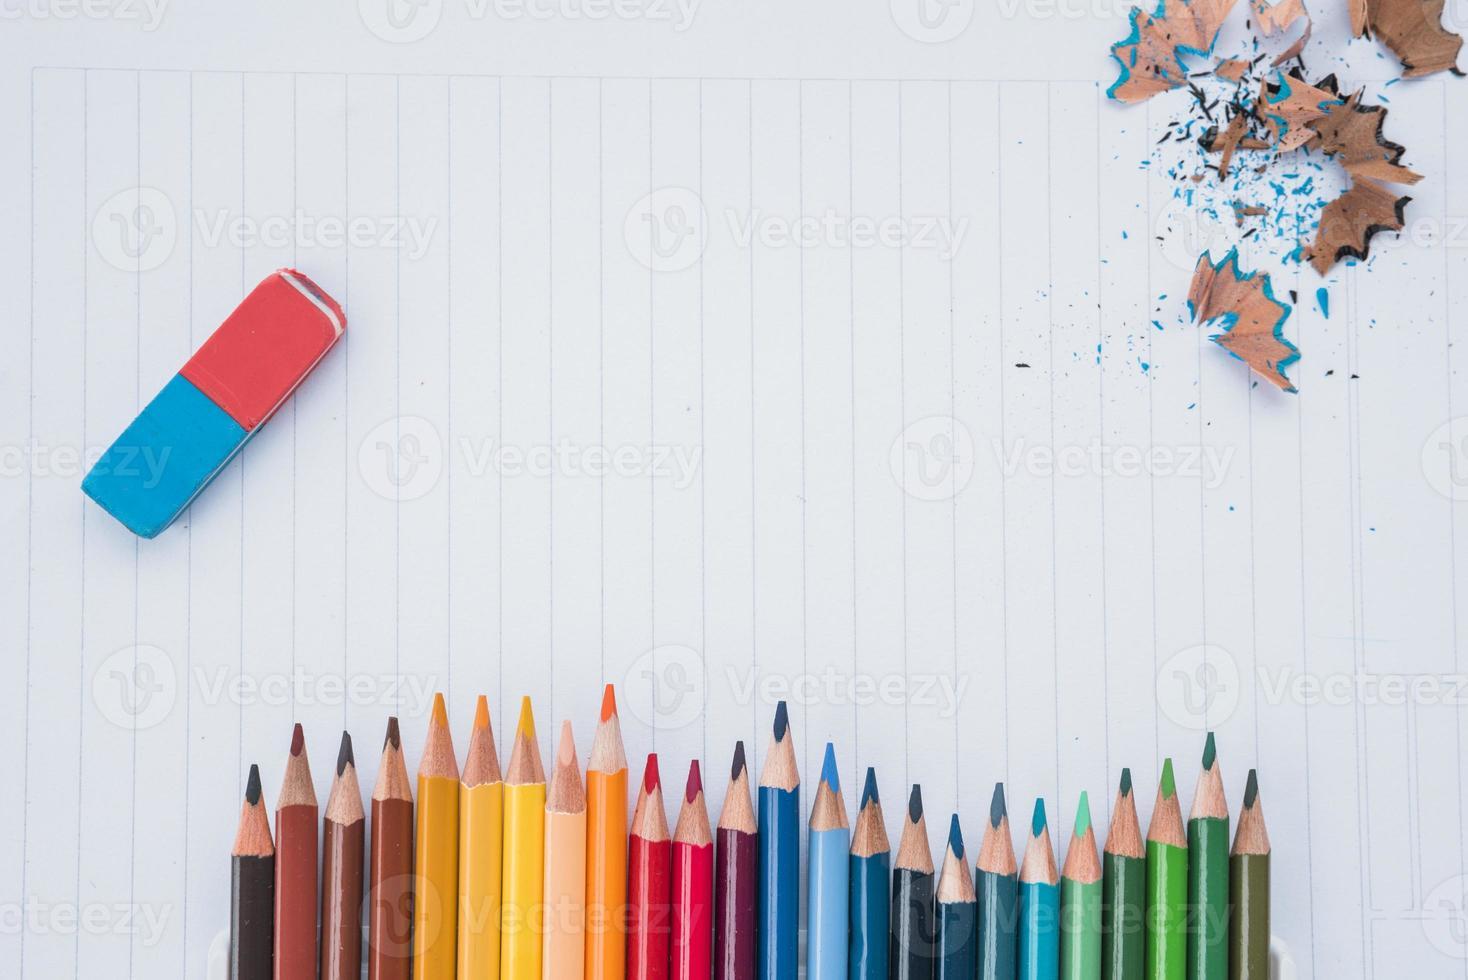 rij potloodkleuren met gum en potloodkrullen op wit papier foto